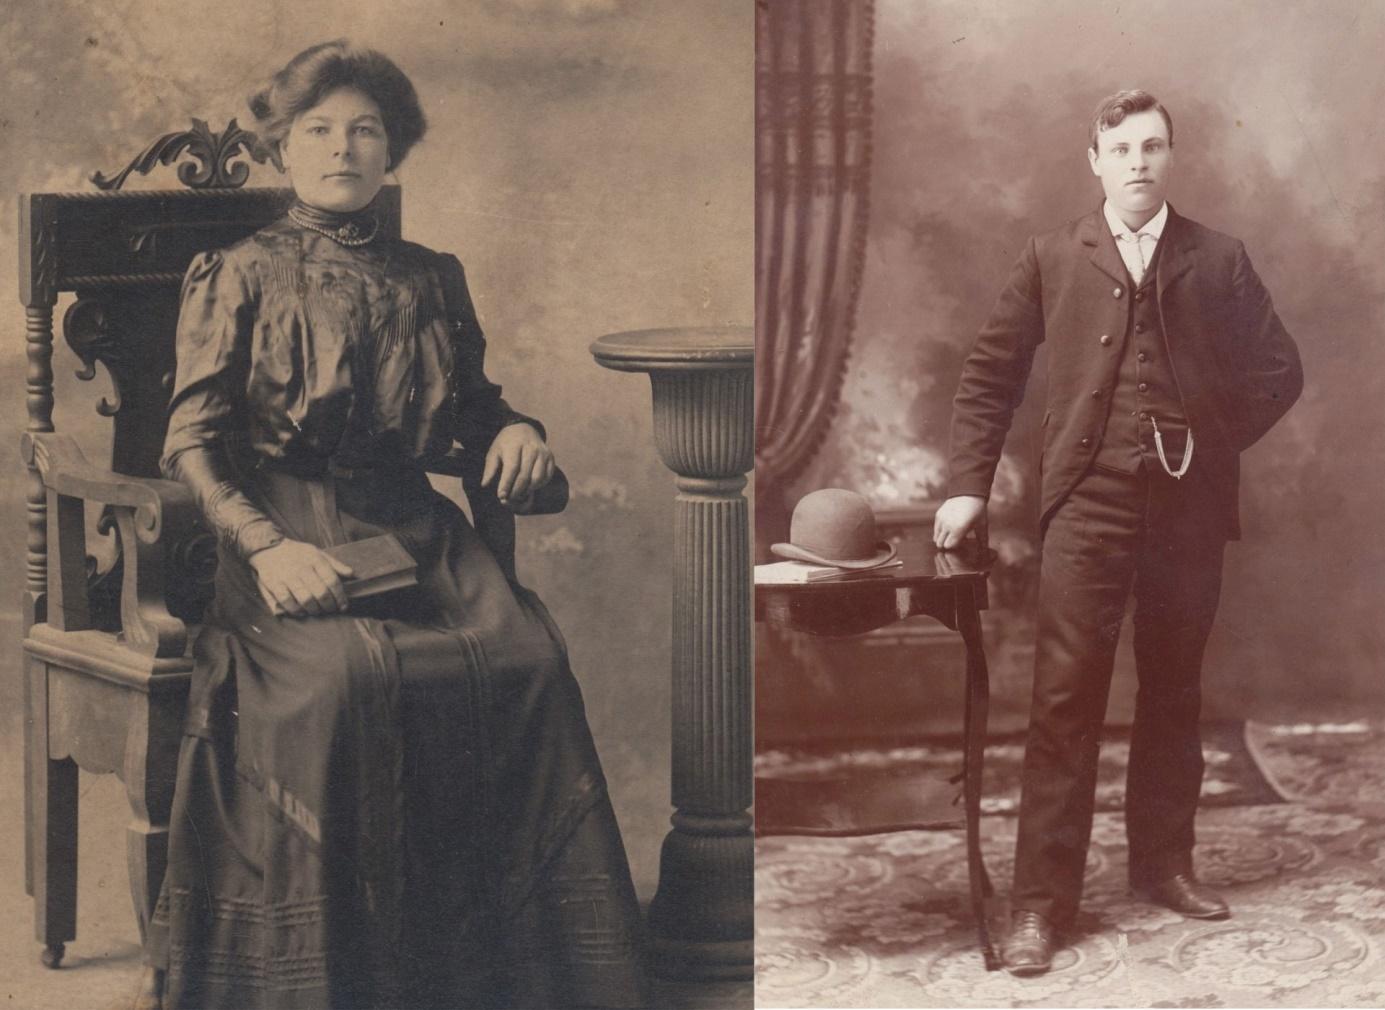 På bilden till vänster Henriks äldsta dotter Amanda (1886-1956) som var gift med Emil Styris och bodde i Amerika. På äldre dagar blev hon rörelsehindrad och hennes svåger, handlaren Erik Andersson hämtade hem henne till Dagsmark. Hon bodde i Anderssons hus på Bygränden tills hon dog 1965. På bilden till höger Henriks äldsta son Johan Viktor (1880-1916) som år 1909 emigrerade till Amerika och blev bonde där. Han gifte sig med Lena (1885-1968) och de fick 5 barn under åren 1907-1919 och det finns ett stort antal ättlingar där.